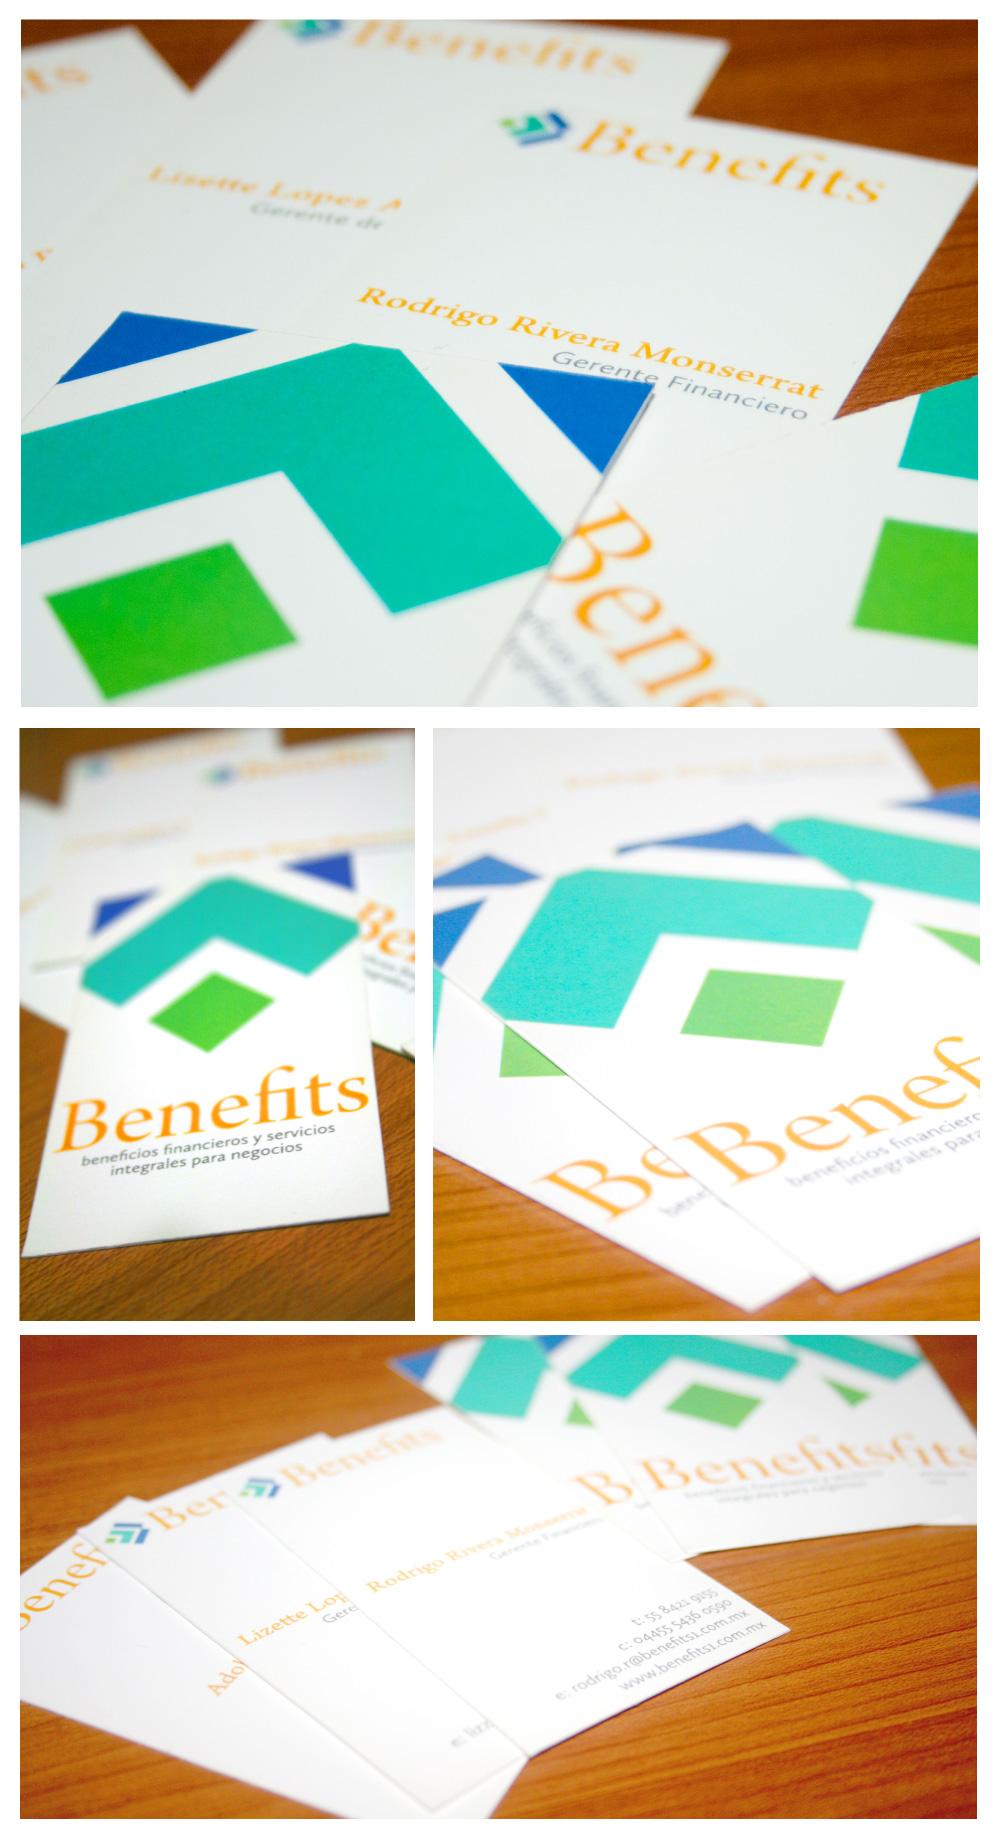 benefits-tarjetas